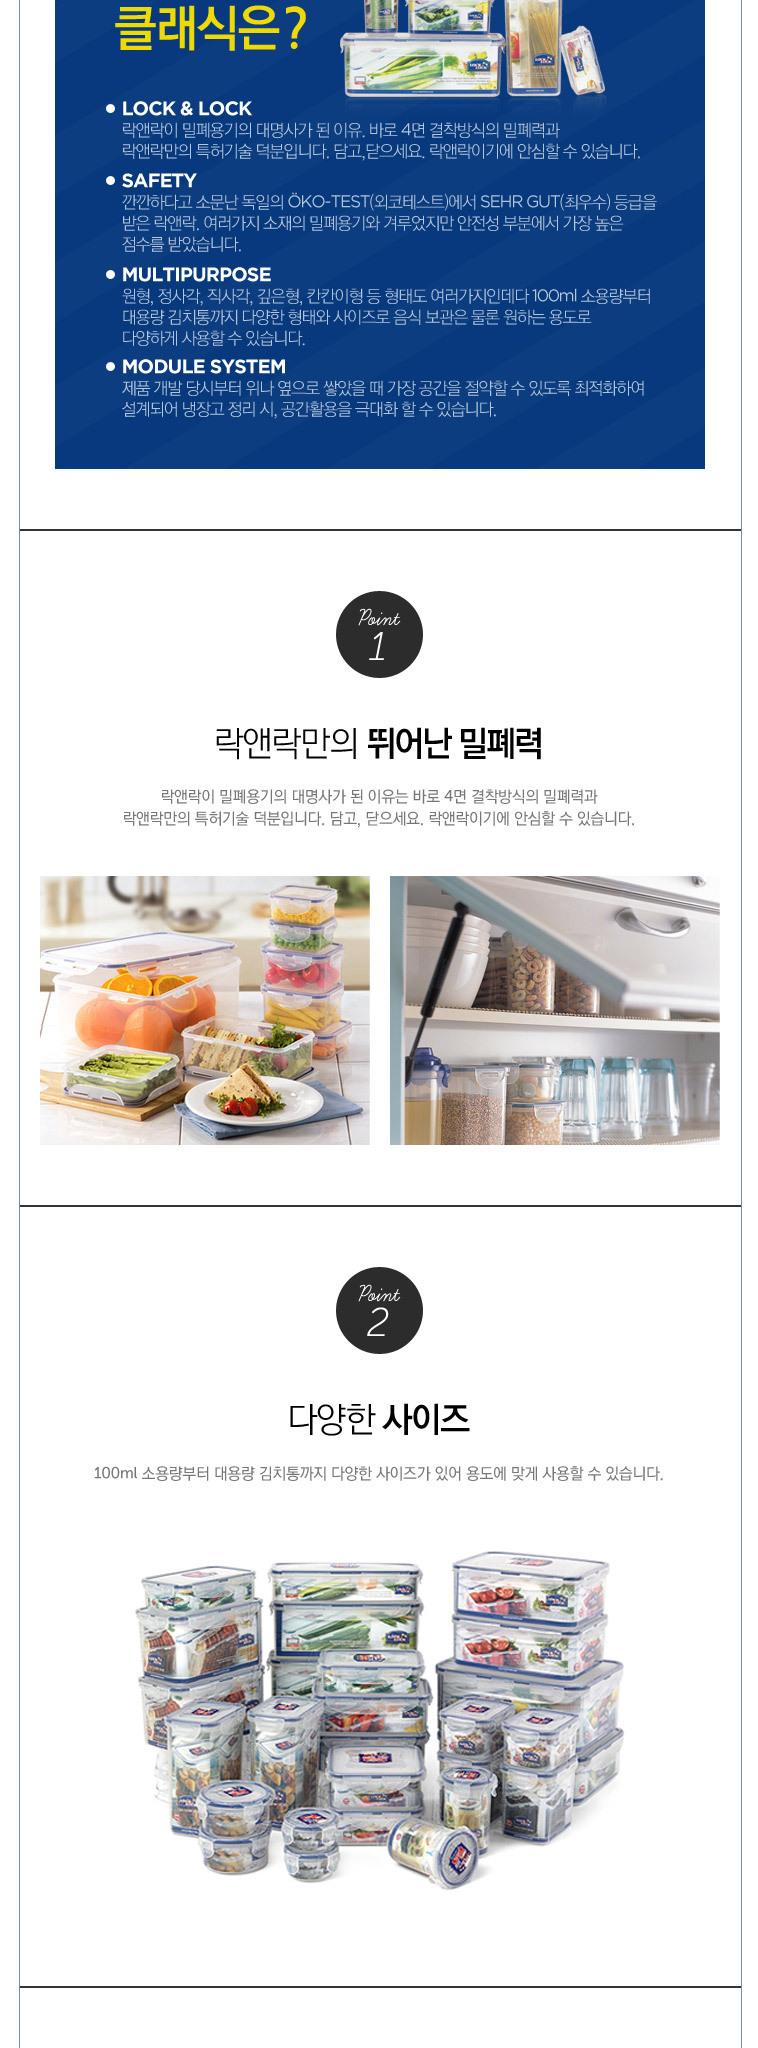 락앤락 쌀통/계란케이스 보관 - 상세정보